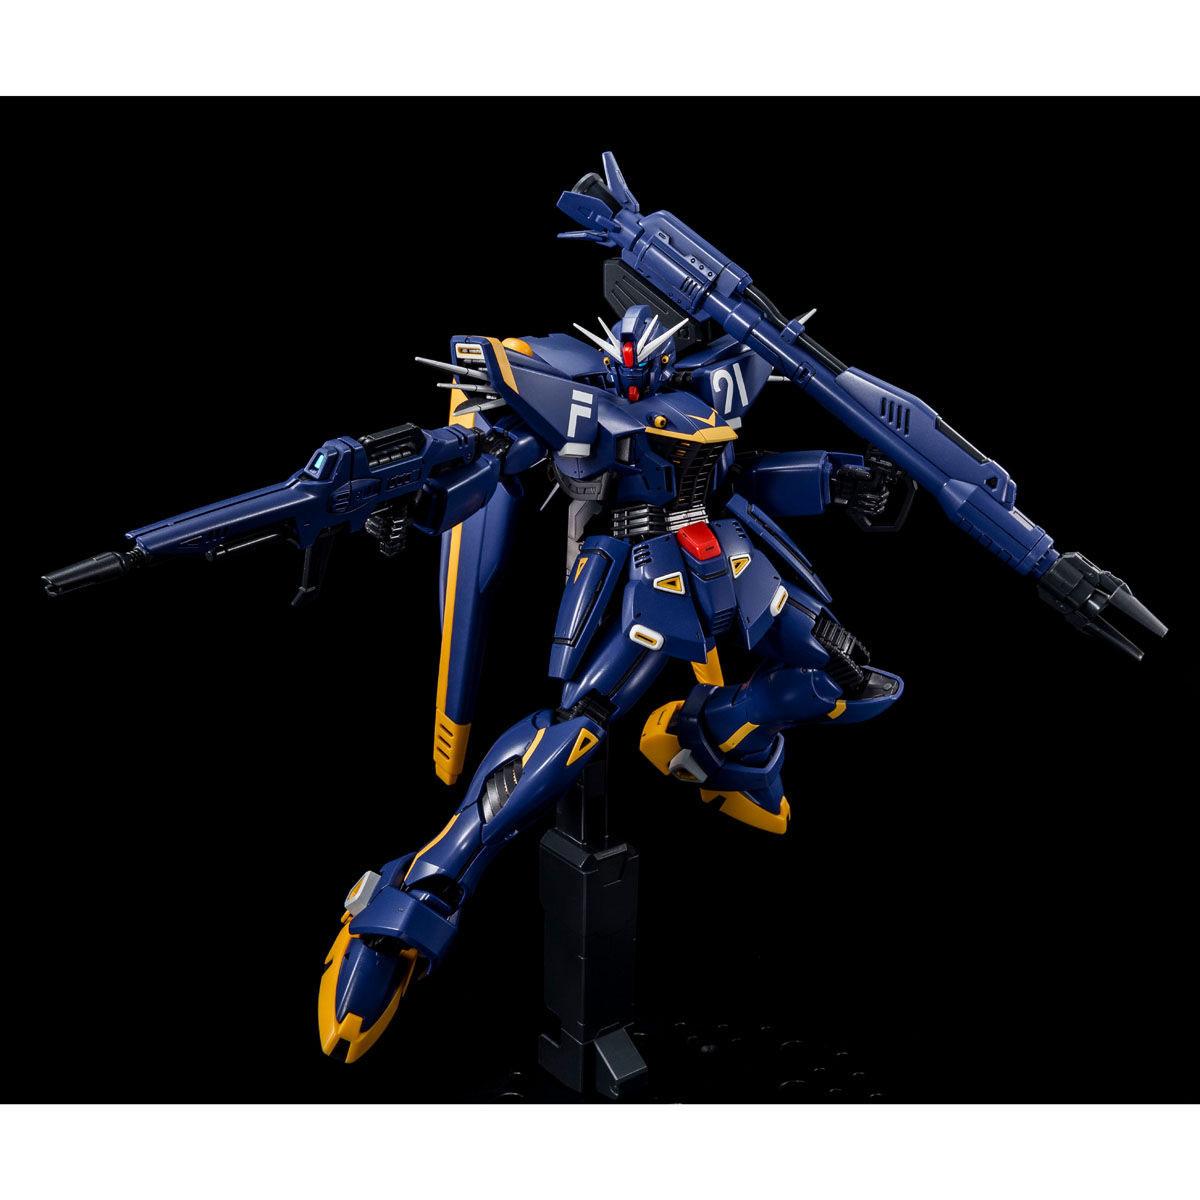 【限定販売】MG 1/100『ガンダムF91 Ver.2.0(ハリソン・マディン専用機)』プラモデル-004